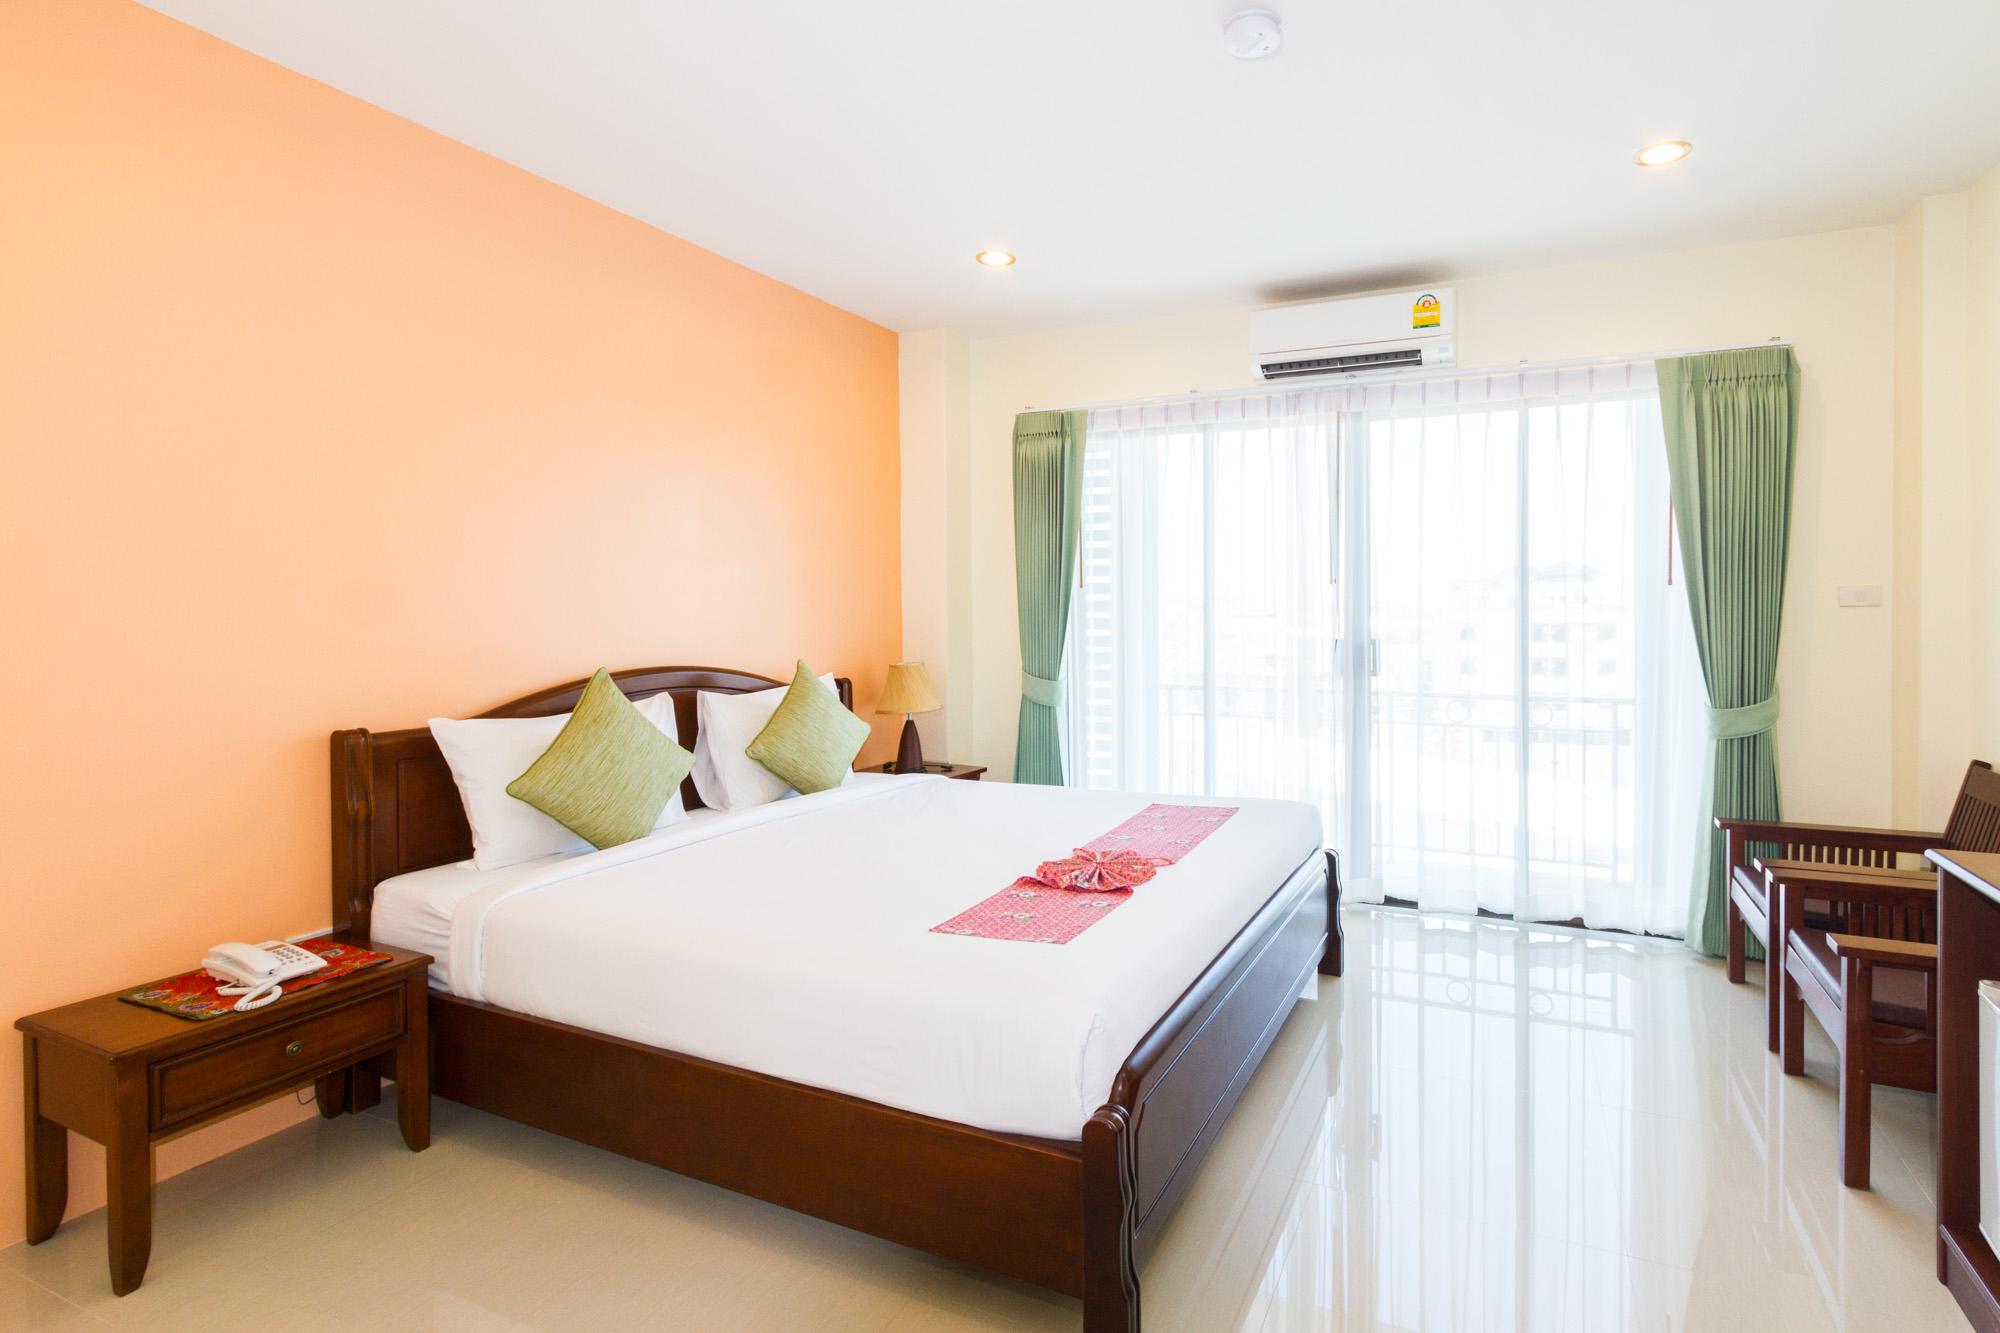 โรงแรมกระบี่เพชรไพลิน โฮเทล (Krabi Phetpailin Hotel) Halal IMG 0161